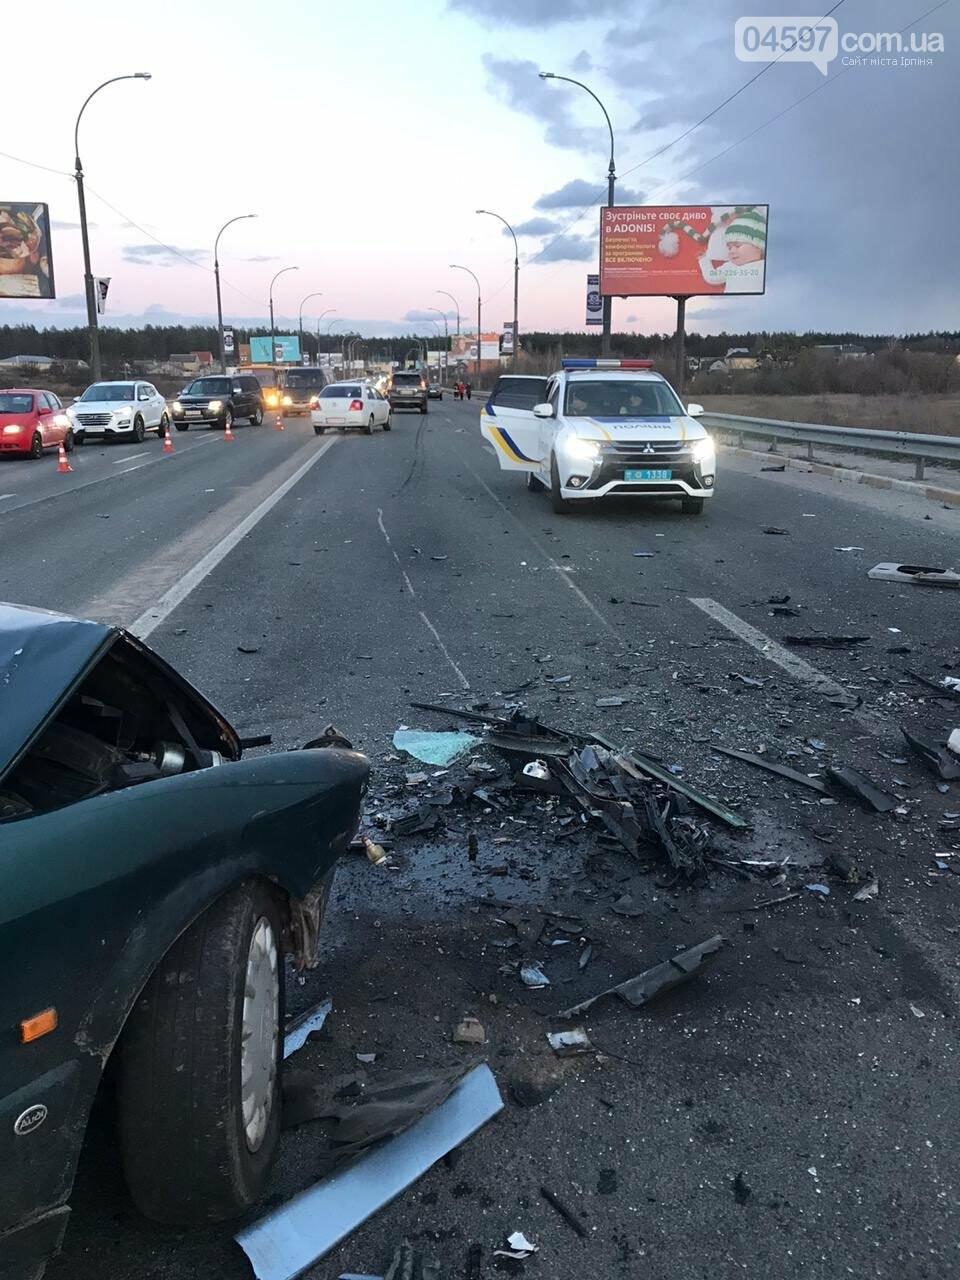 Машину розірвало на шматки: в Ірпені внаслідок ДТП загинув чоловік, фото-2